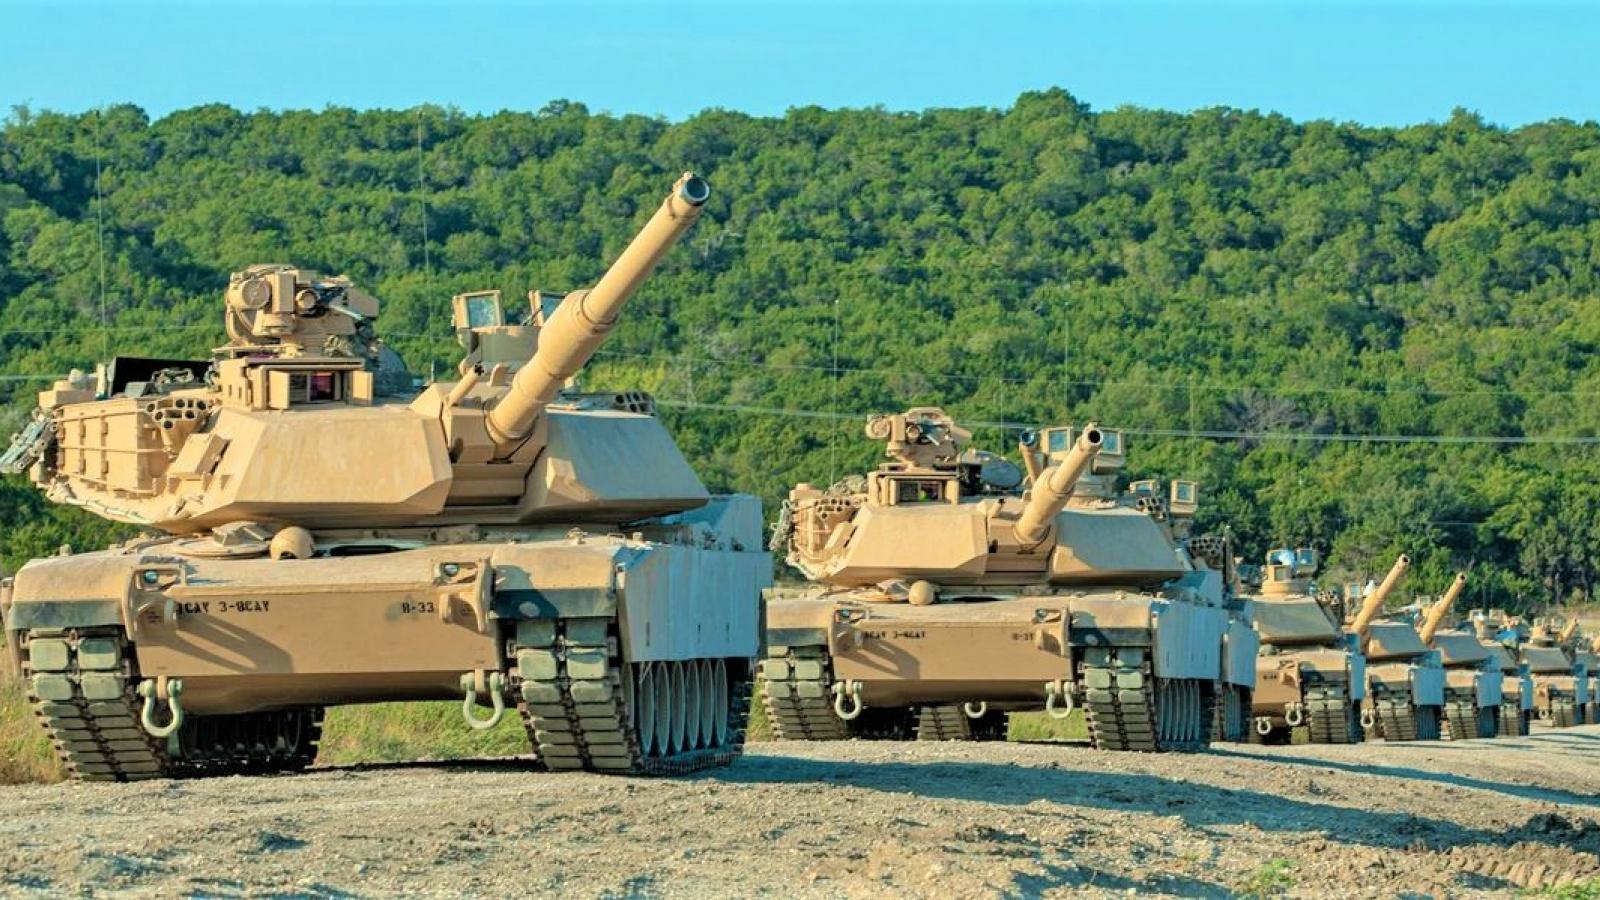 Toan tính của Ba Lan trong thương vụ mua xe tăng Abrams của Mỹ